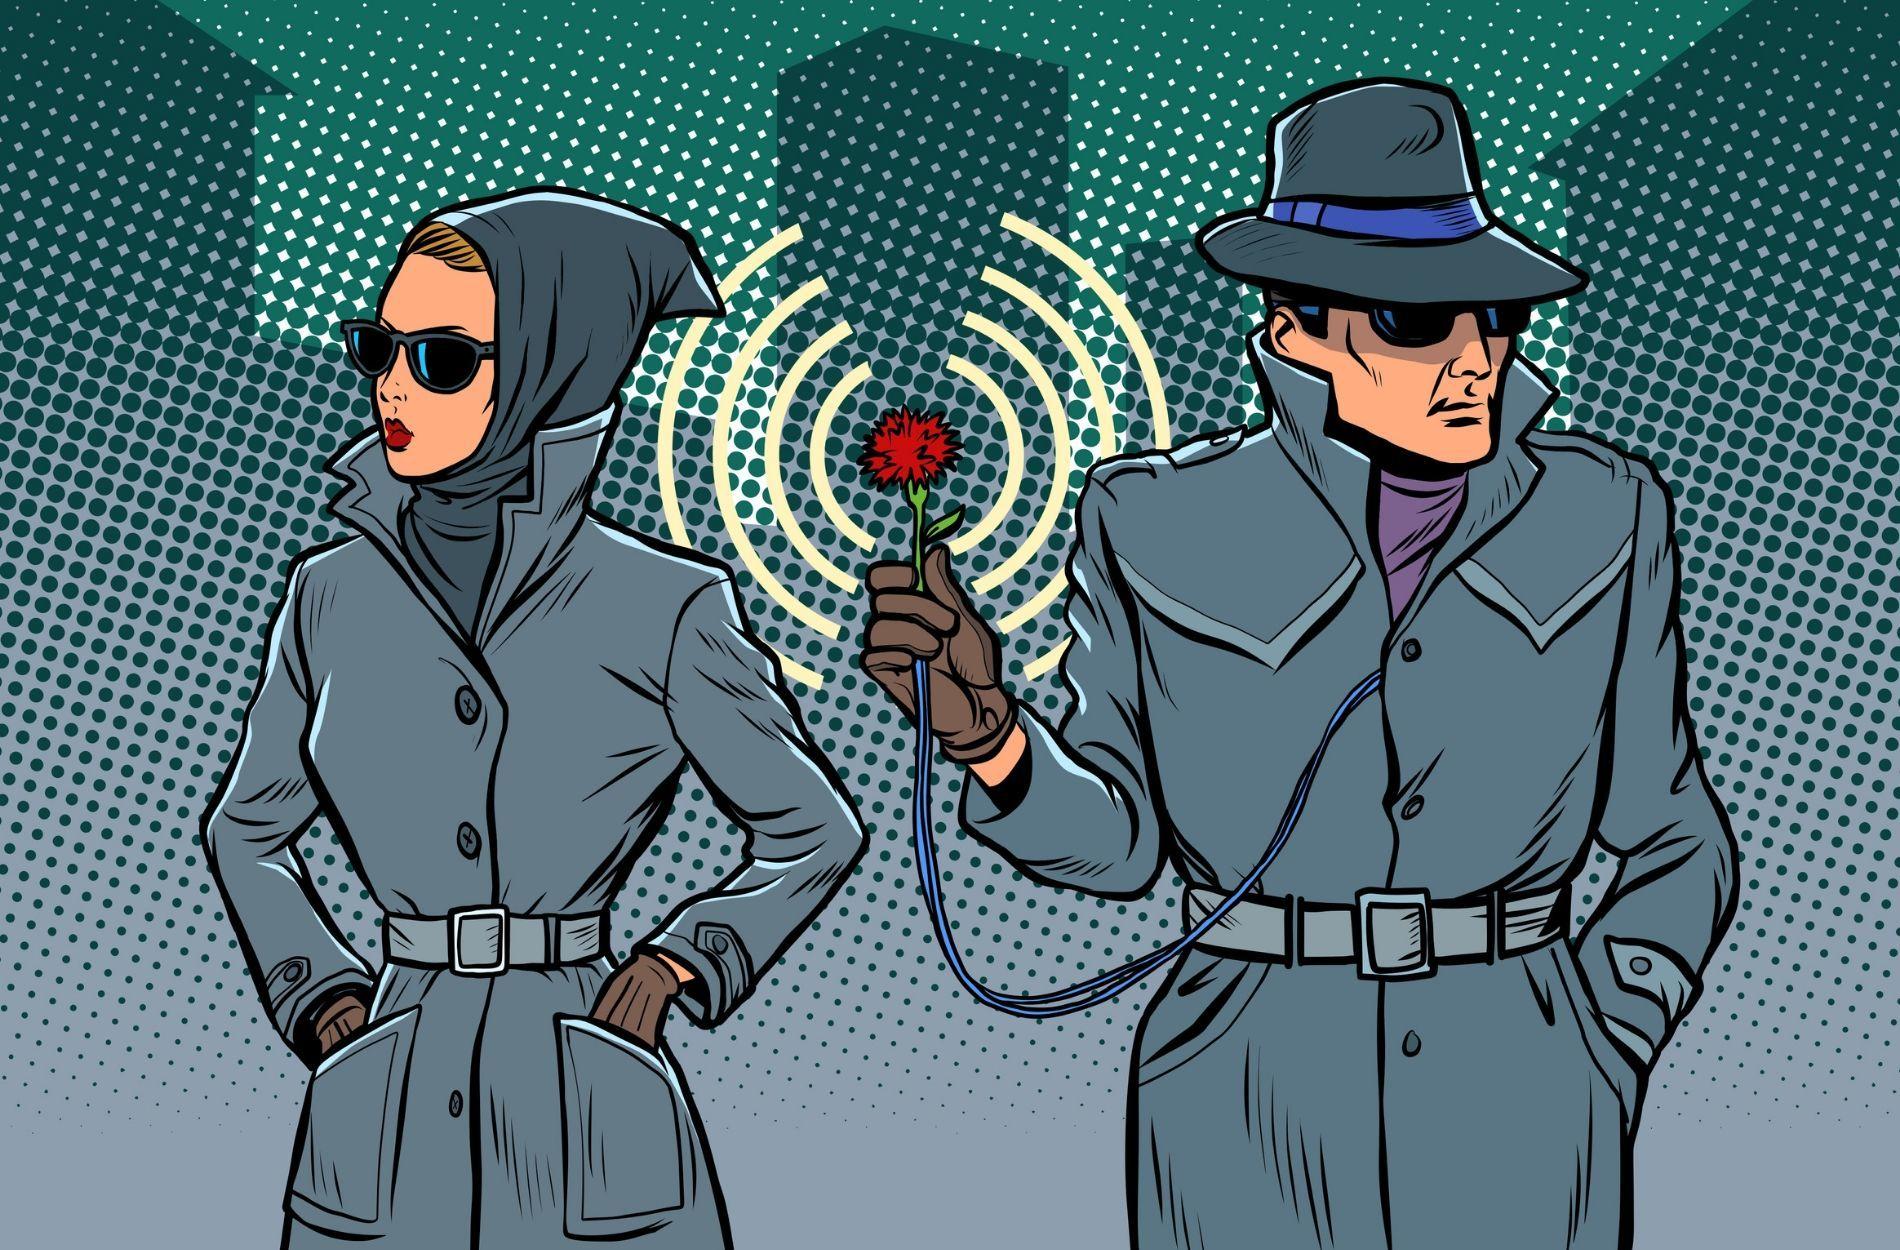 Das-Ausspionieren-Ihres-Aufenthaltsortes